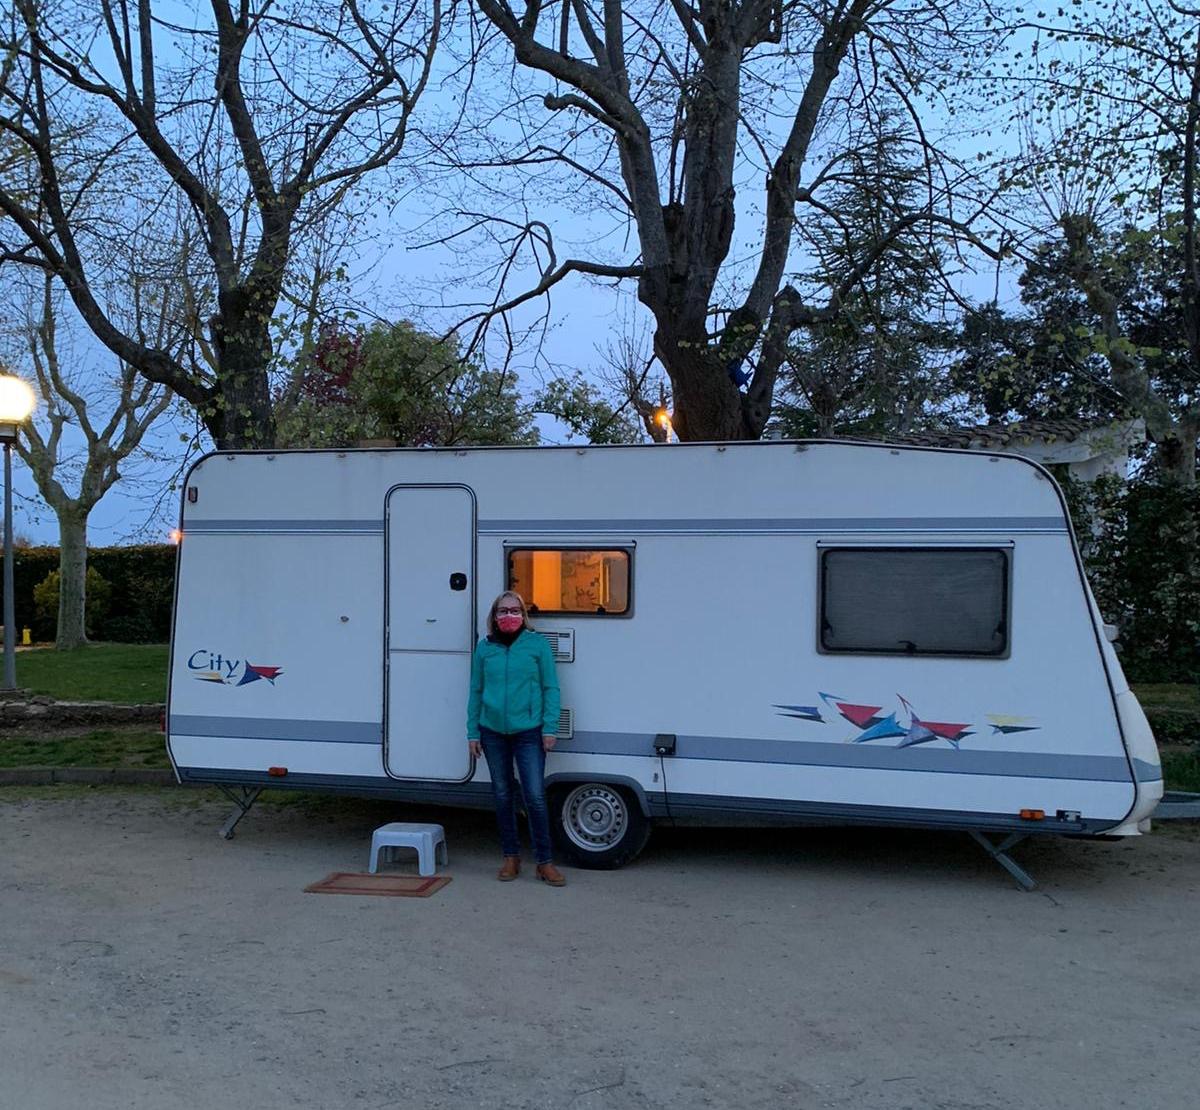 L'Emma s'ha instal·lat en una autocaravana a fora de la residència